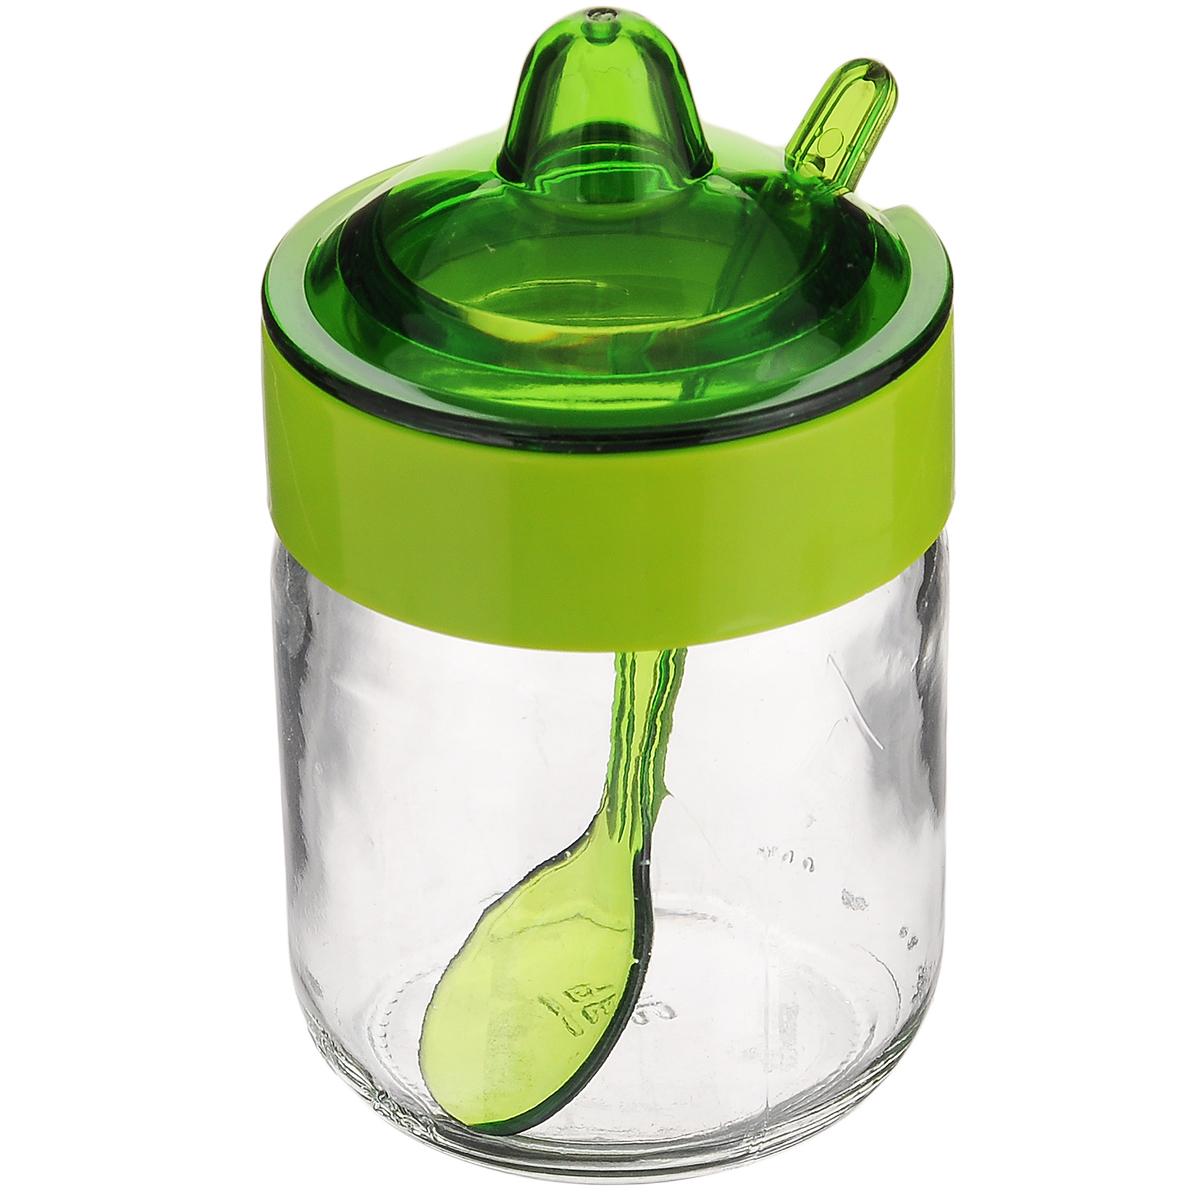 Емкость для соуса Herevin, с ложкой, цвет: зеленый, 200 мл131505-000_зеленыйЕмкость для соуса Herevin изготовлена из прочного стекла. Банка оснащена пластиковой крышкой и ложкой. Изделие предназначено для хранения различных соусов. Функциональная и вместительная, такая банка станет незаменимым аксессуаром на любой кухне. Можно мыть в посудомоечной машине. Пластиковые части рекомендуется мыть вручную.Диаметр (по верхнему краю): 5,5 см.Высота банки (без учета крышки): 8,5 см.Длина ложки: 11 см.